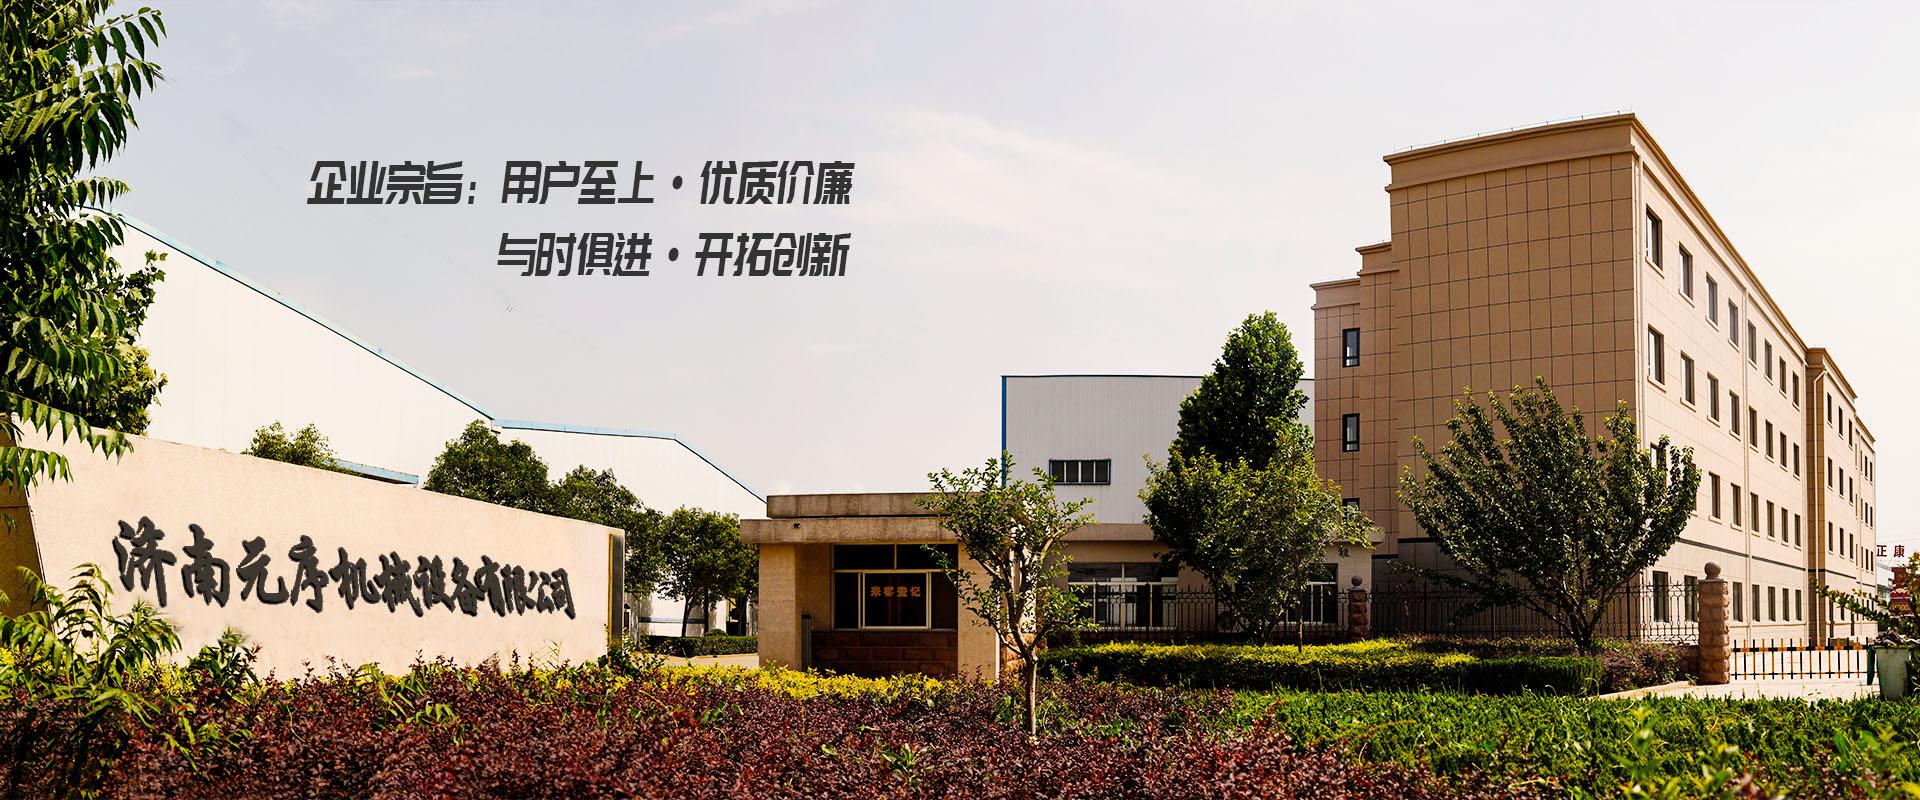 济南元序机械设备有限公司